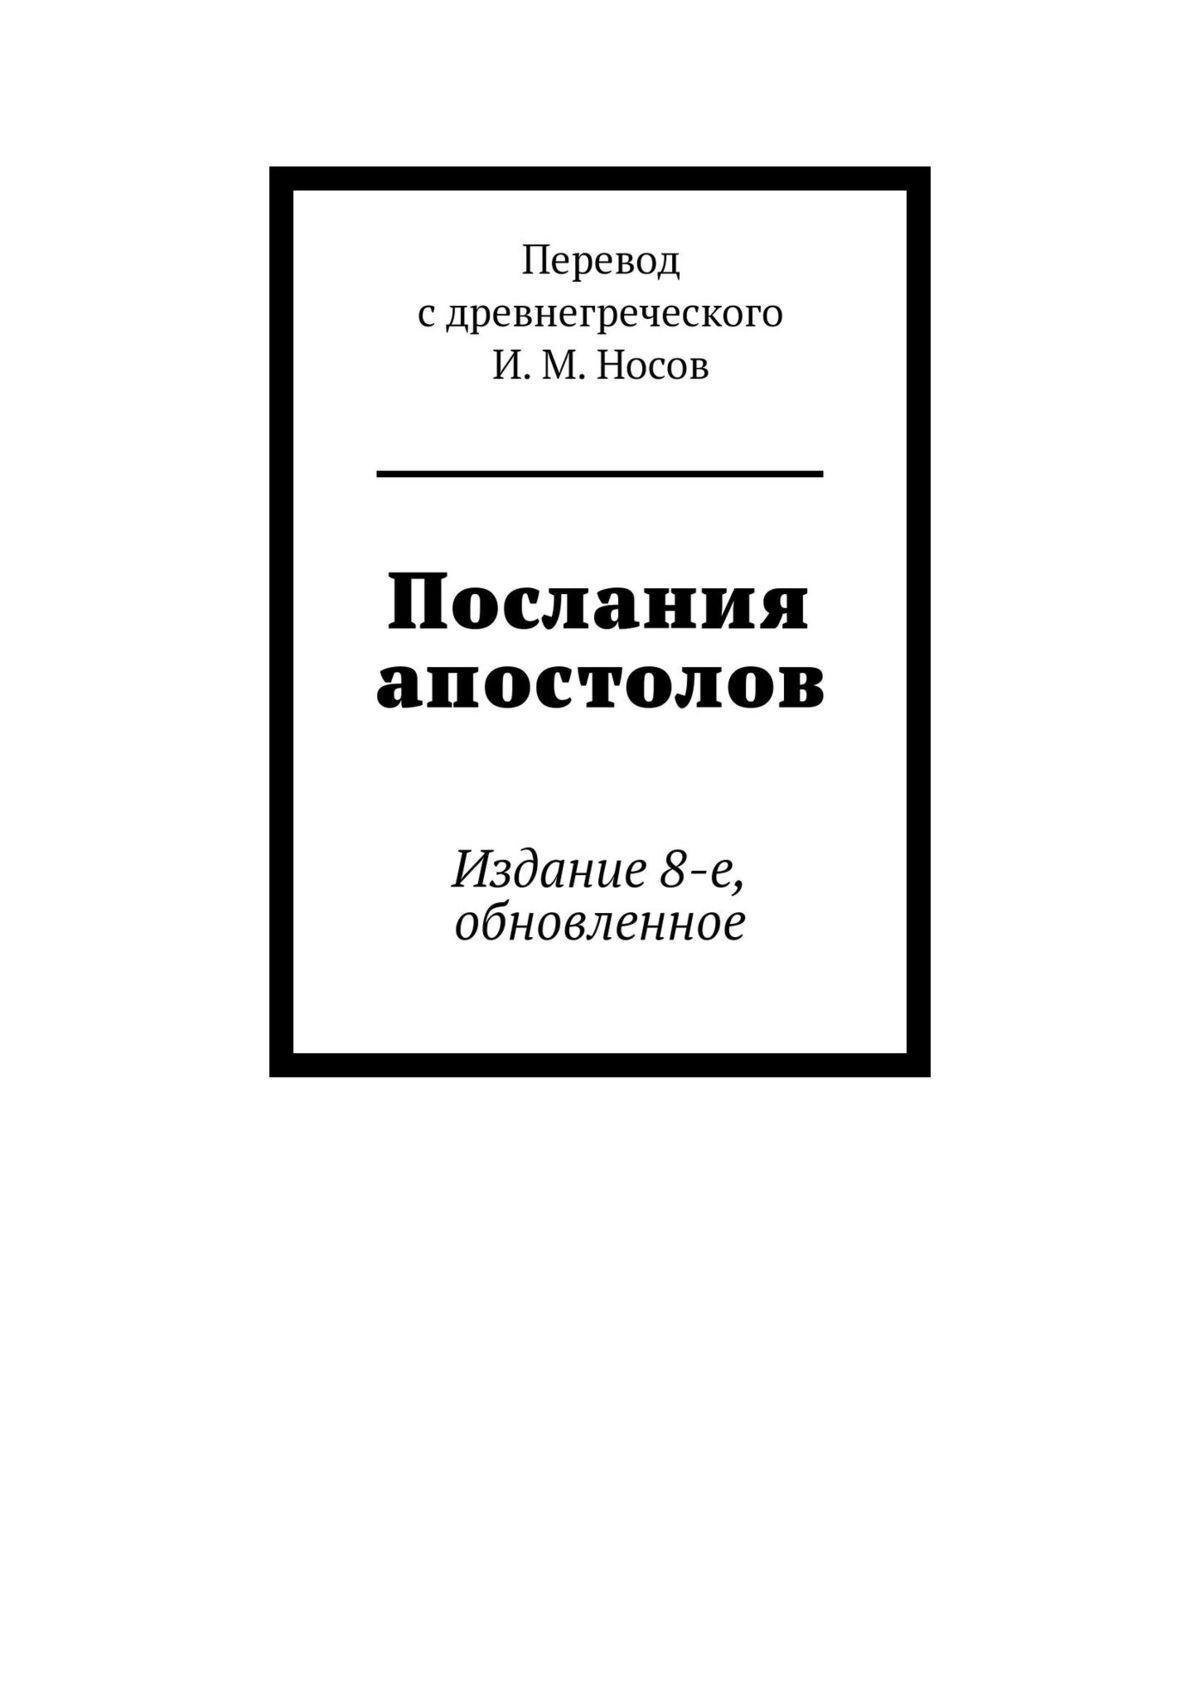 И. М. Носов Послания апостолов. Изданиепятое книга урантии пятое эпохальное откровение